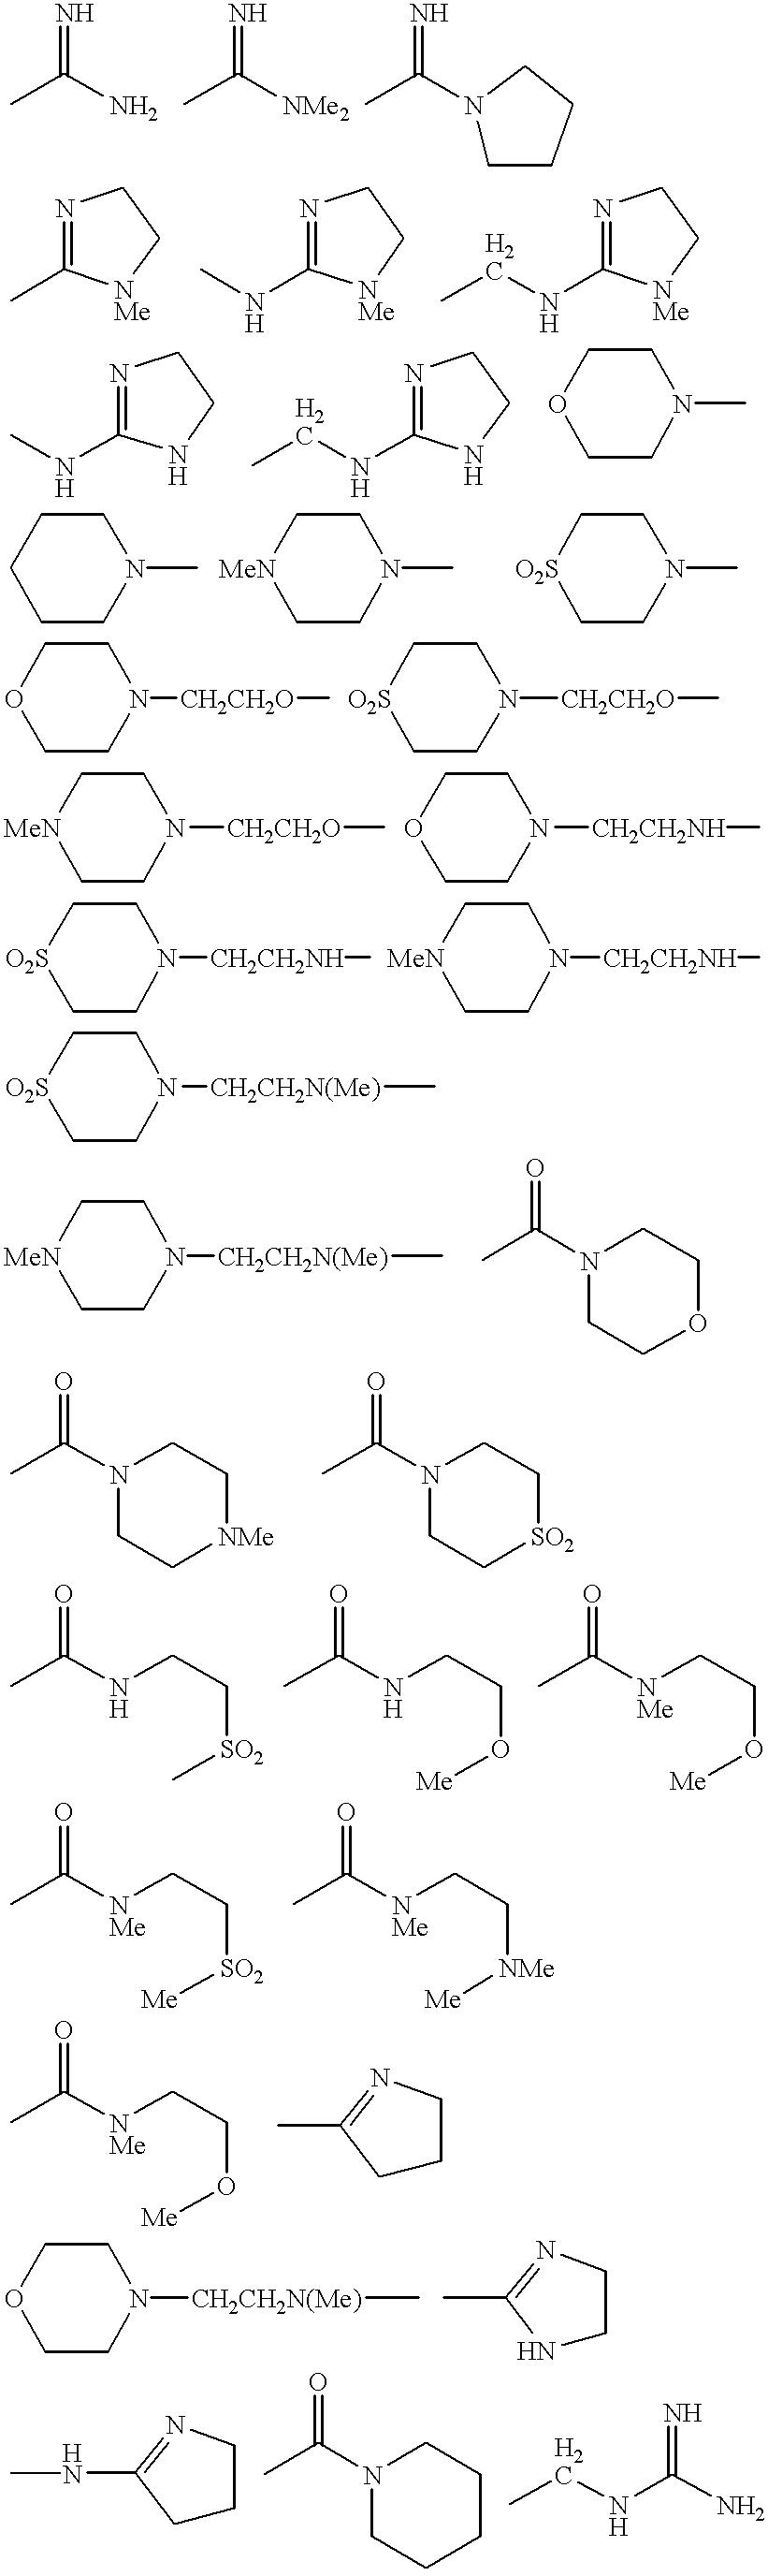 Figure US06376515-20020423-C00031